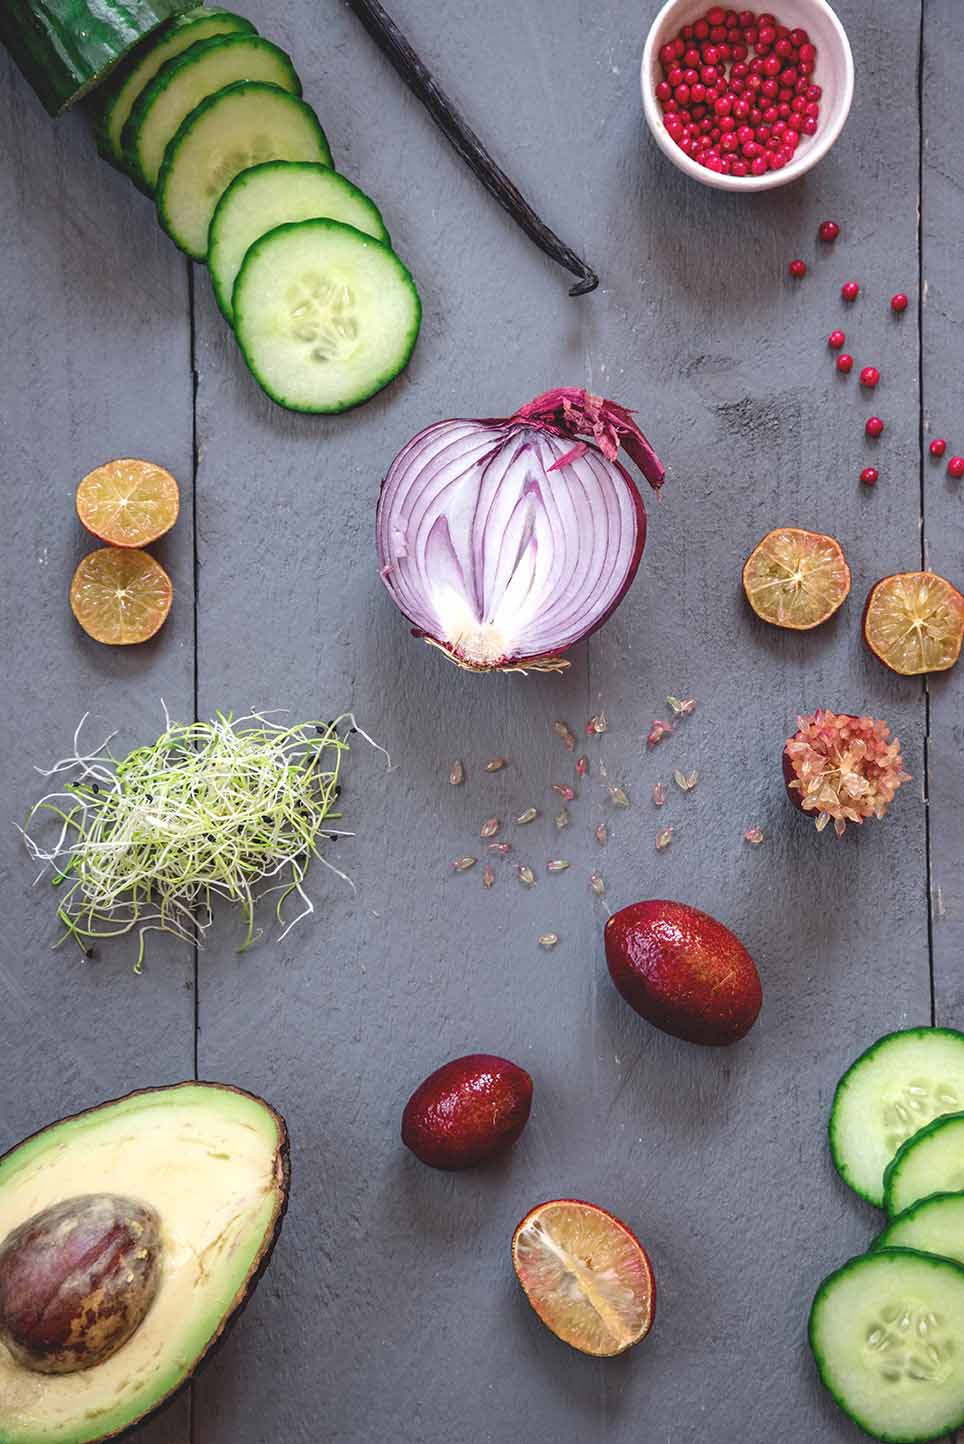 tartare-de-daurade-aux-agrumes-blood-lime-et-vanille_moncitroncaviar.com_fruits_at_home_